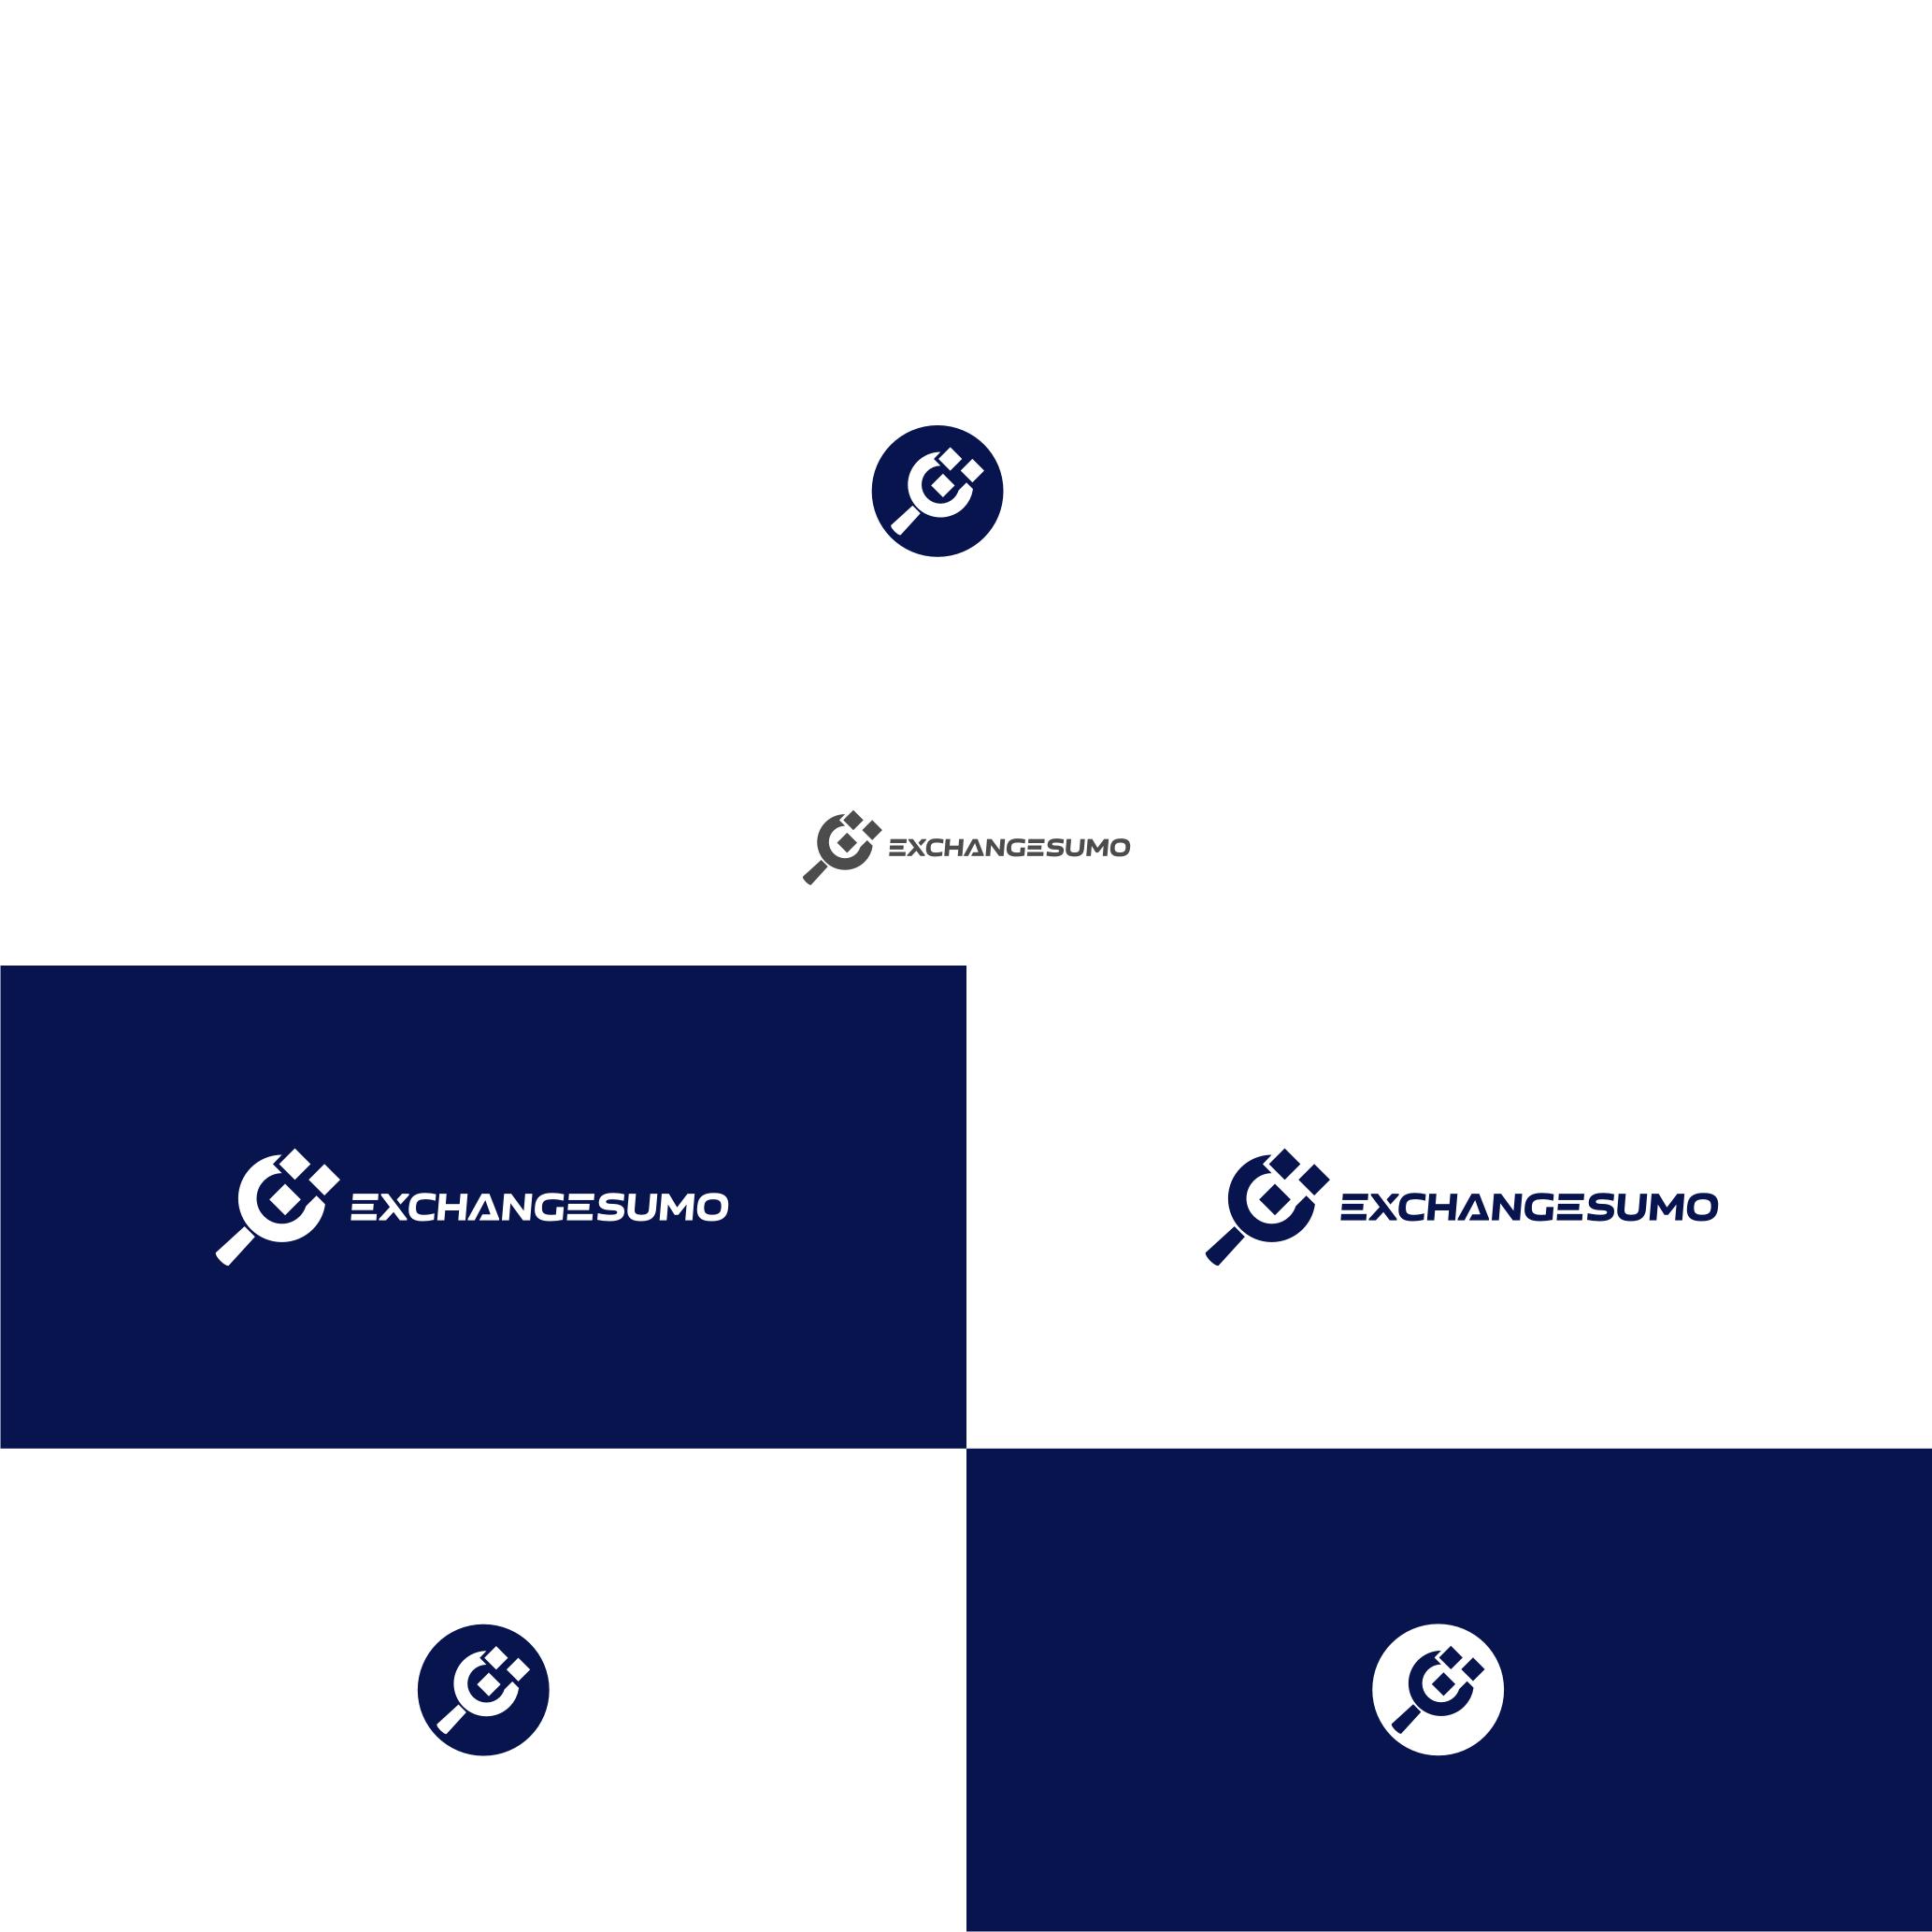 Логотип для мониторинга обменников фото f_0045bb2008ac9e5f.png